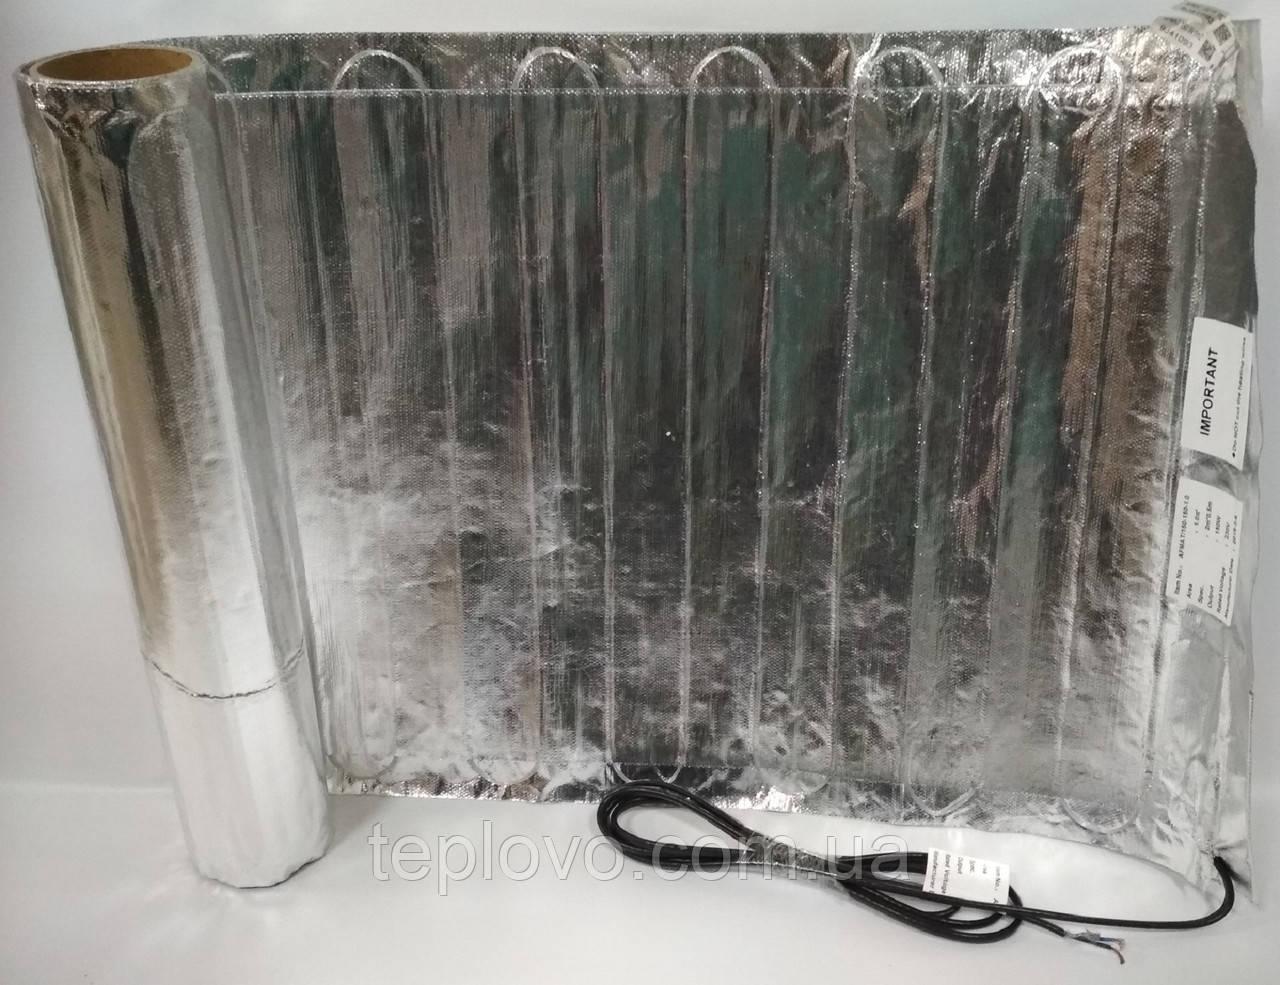 Алюминиевый мат IN-THERM AFMAT 9,0 м2 (1350 Вт), теплый пол под ламинат